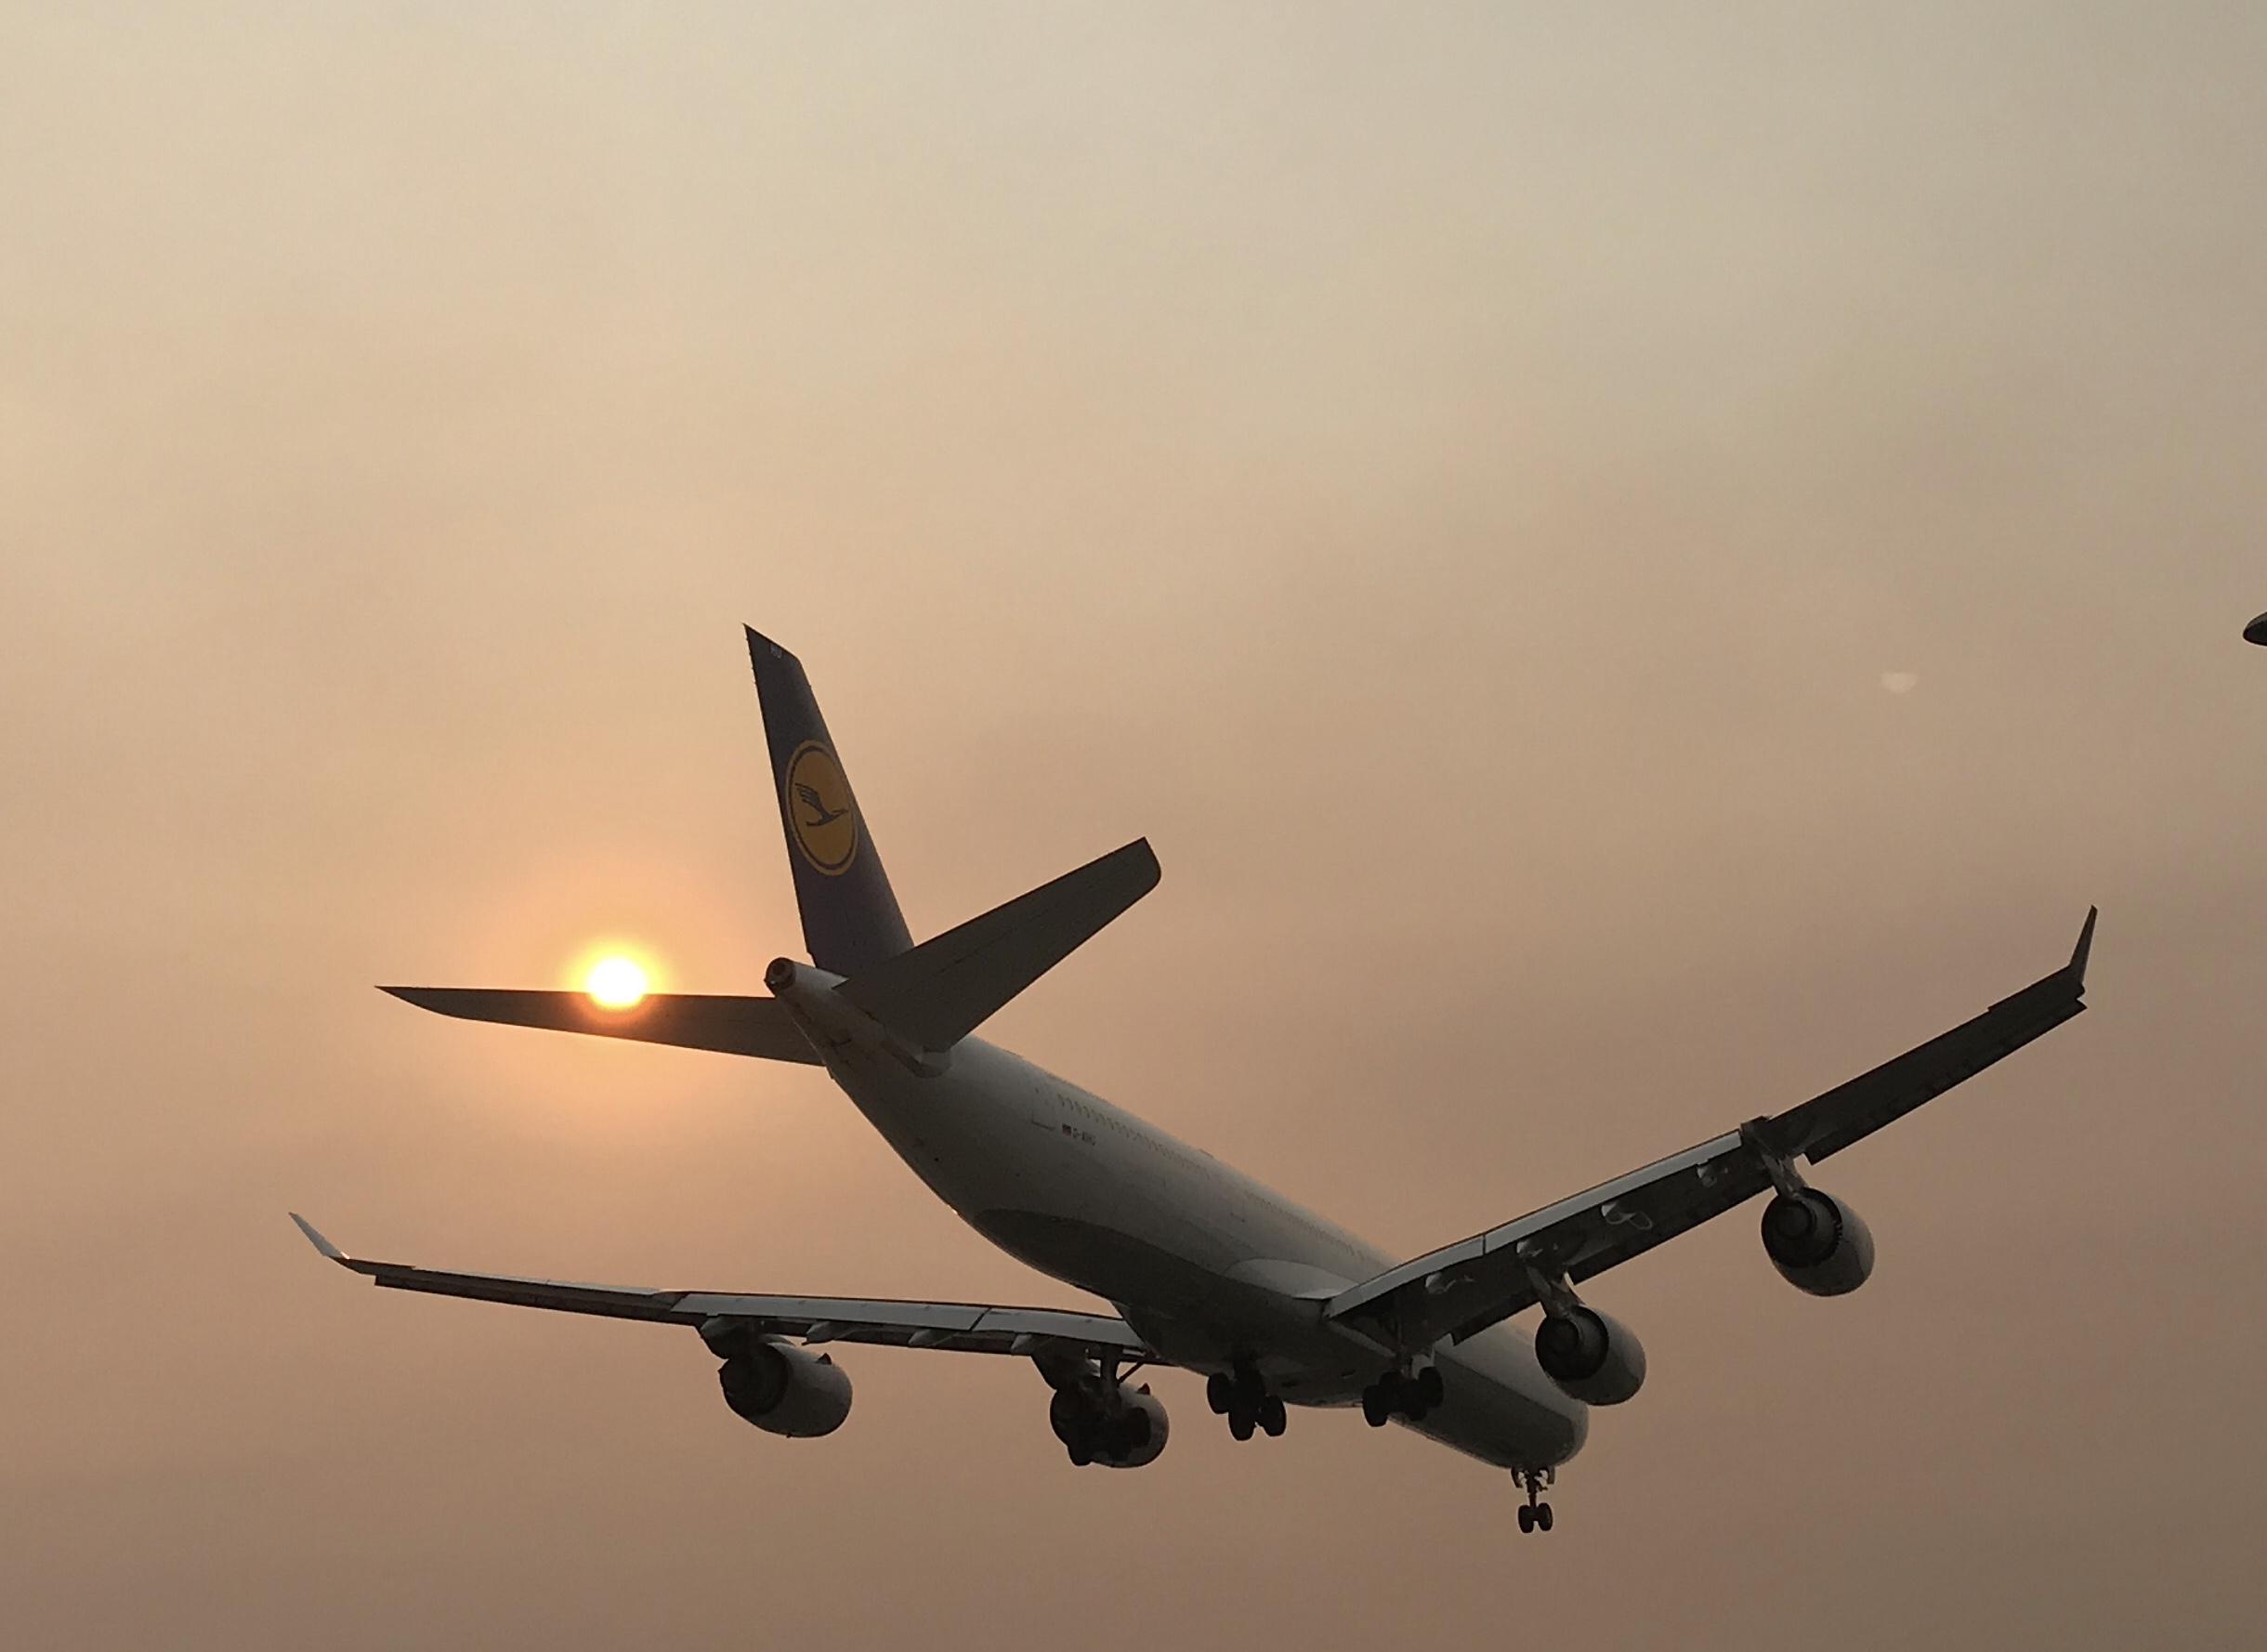 Flightspotting LAX